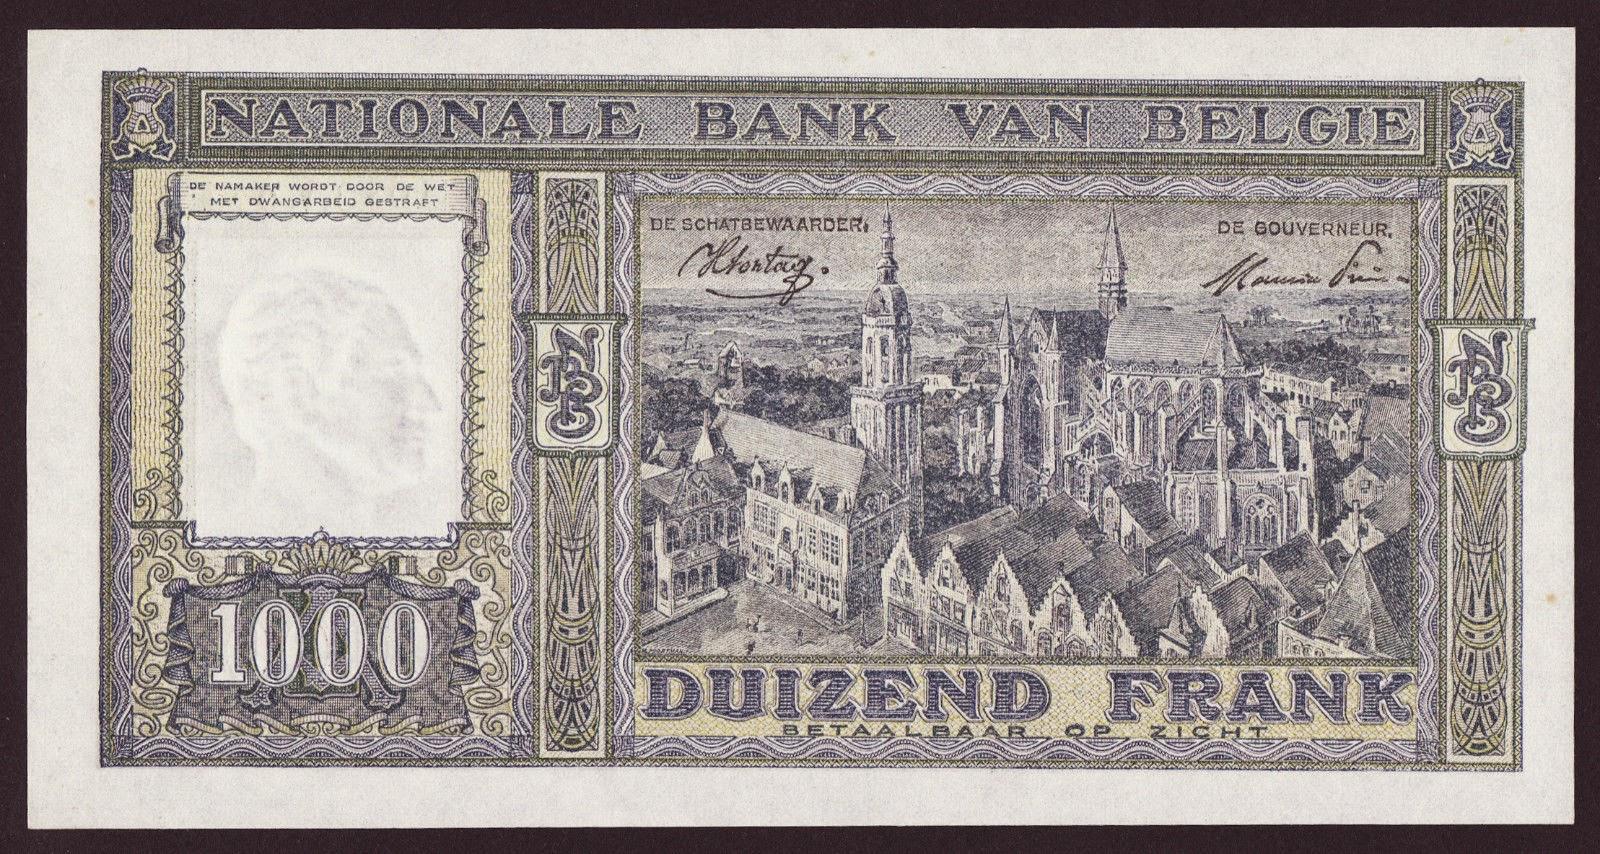 Belgian Banknotes 1000 Francs banknote 1945 Grand market square in Veurne